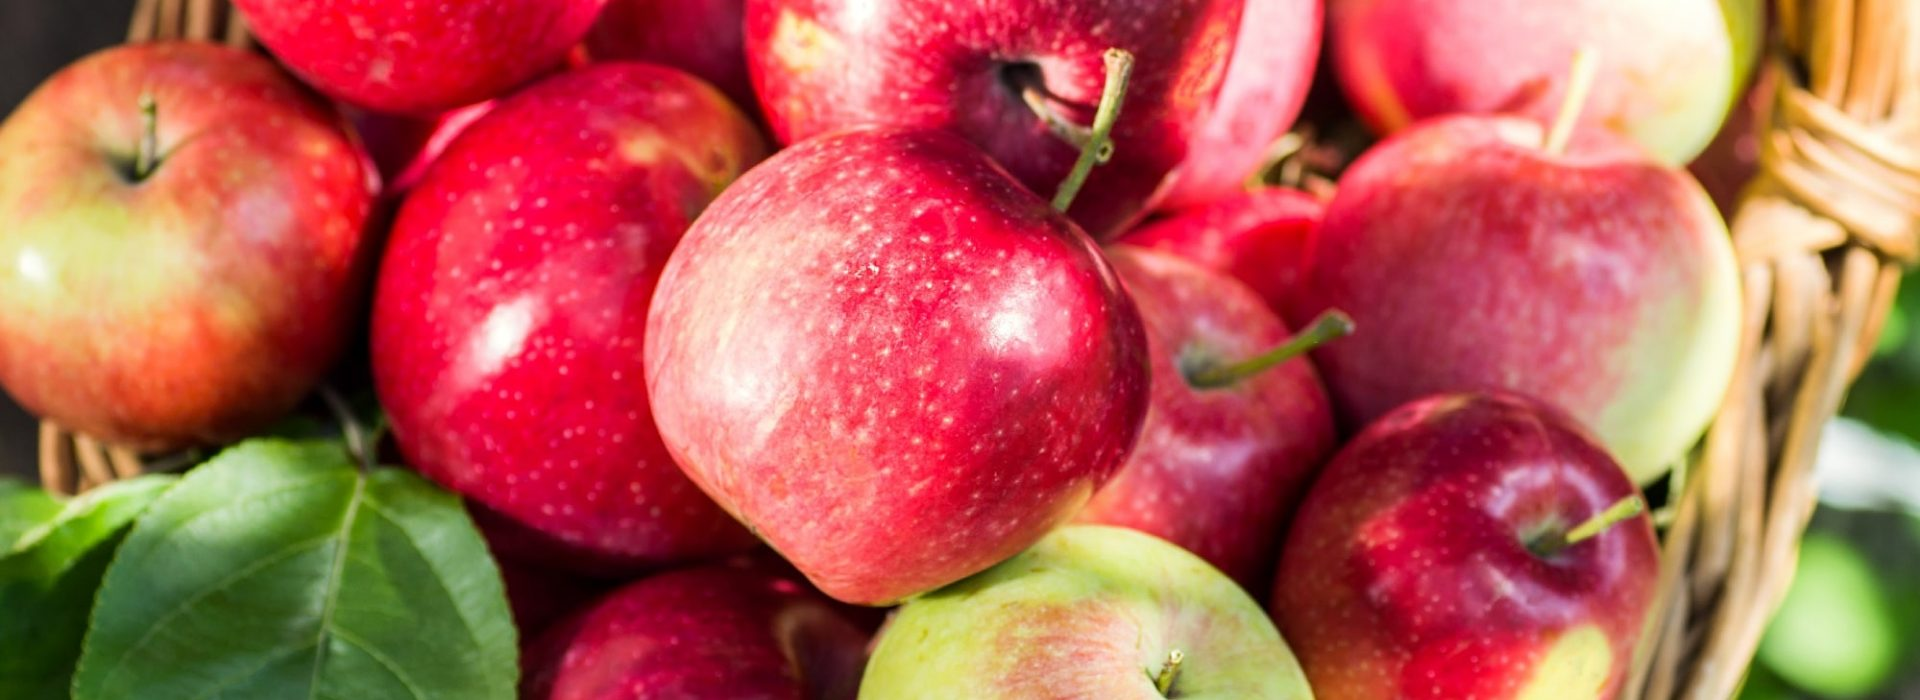 Apple Desserts Blog Image. Image du Blog Desserts aux Pommes.